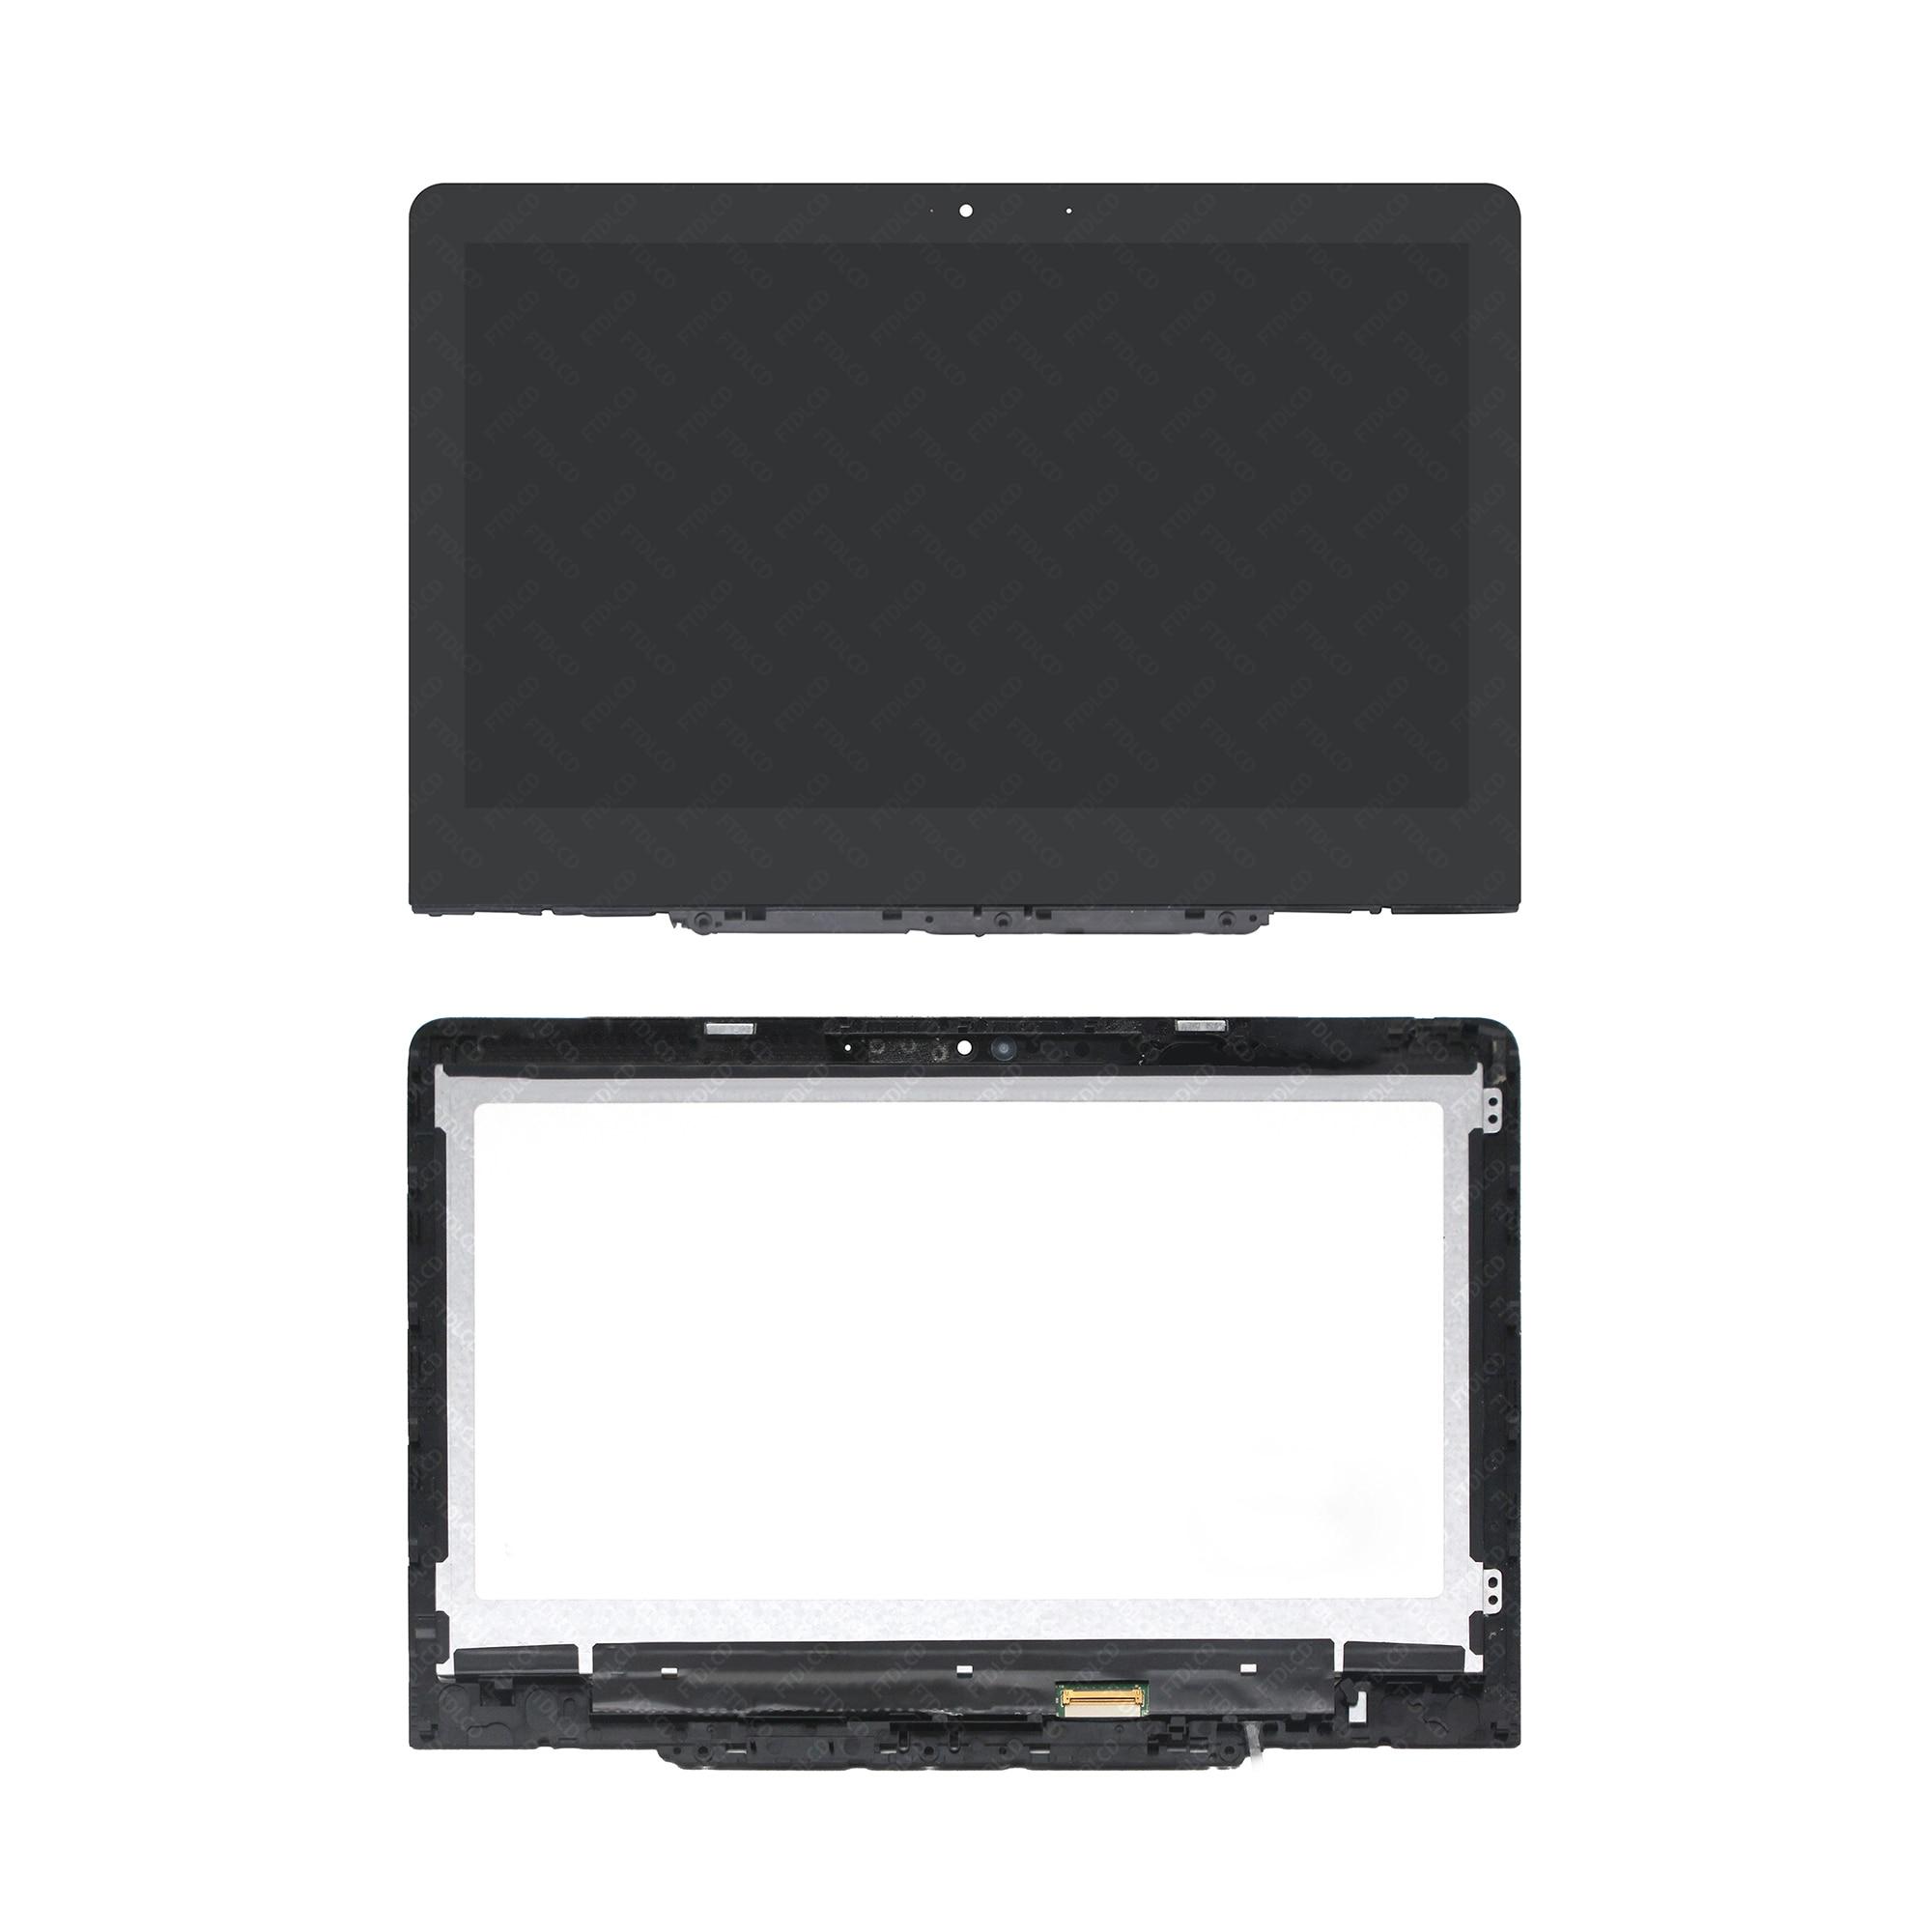 New for Lenovo IBM IdeaPad Yoga 2 Pro 13 Lcd Screen Cover Bezel Frame